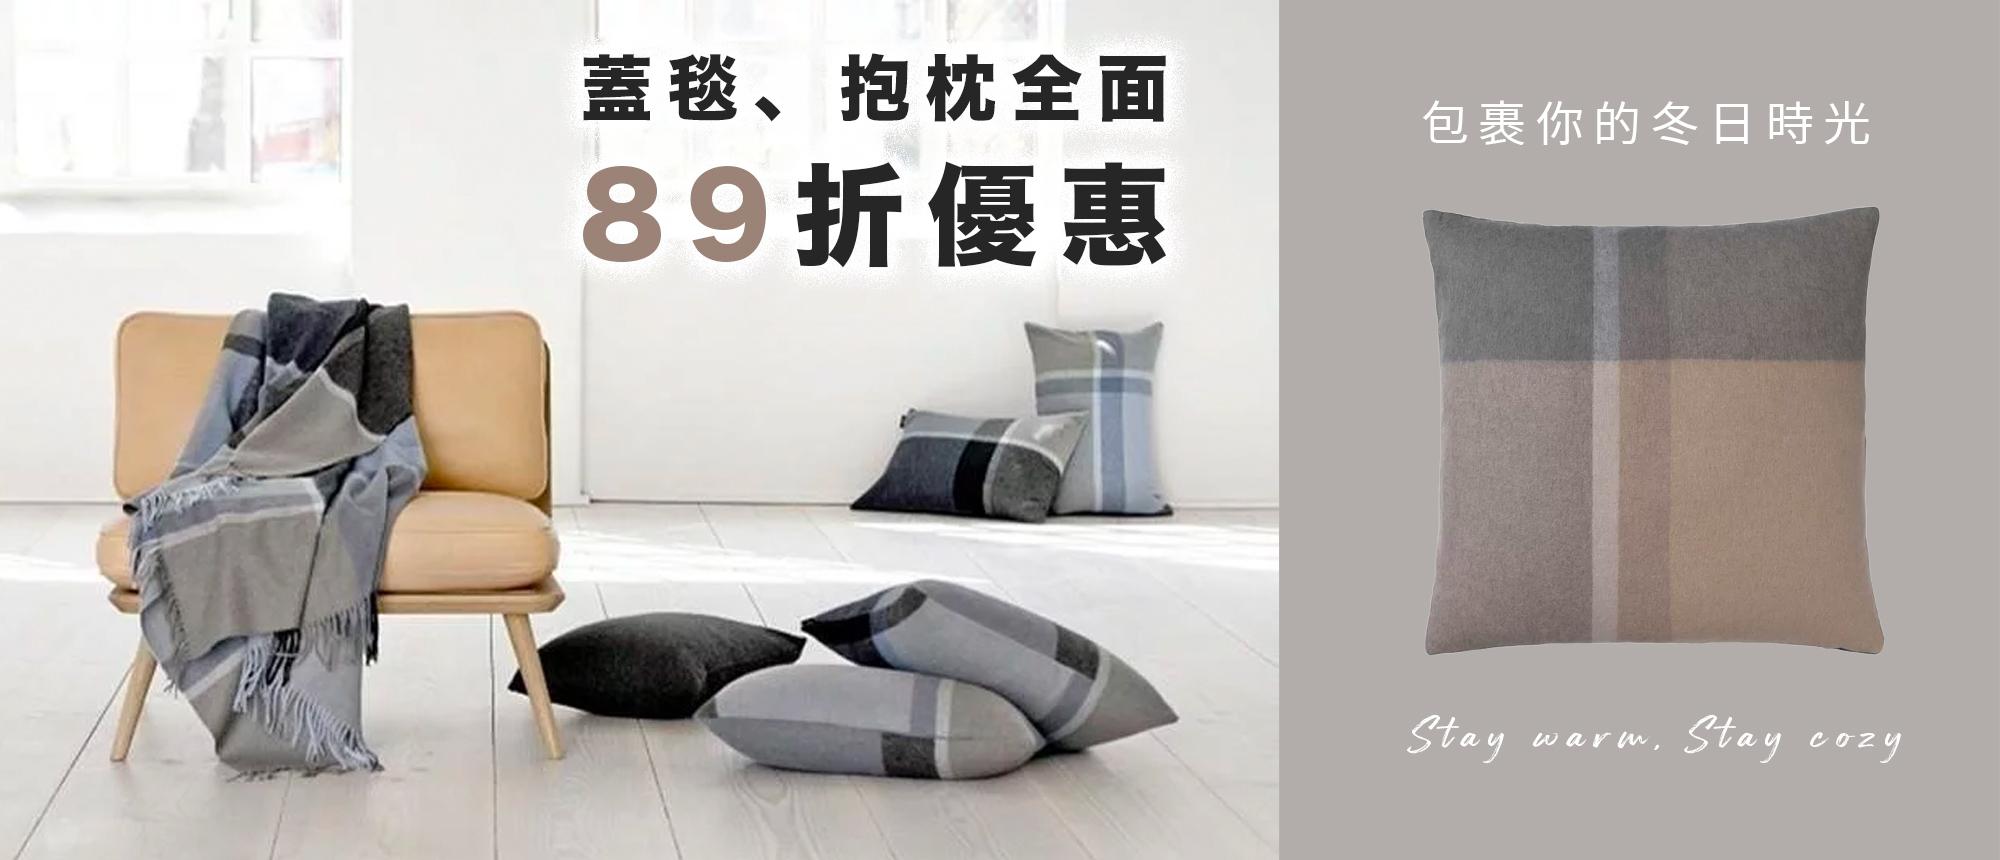 蓋毯抱枕全面 89 折優惠